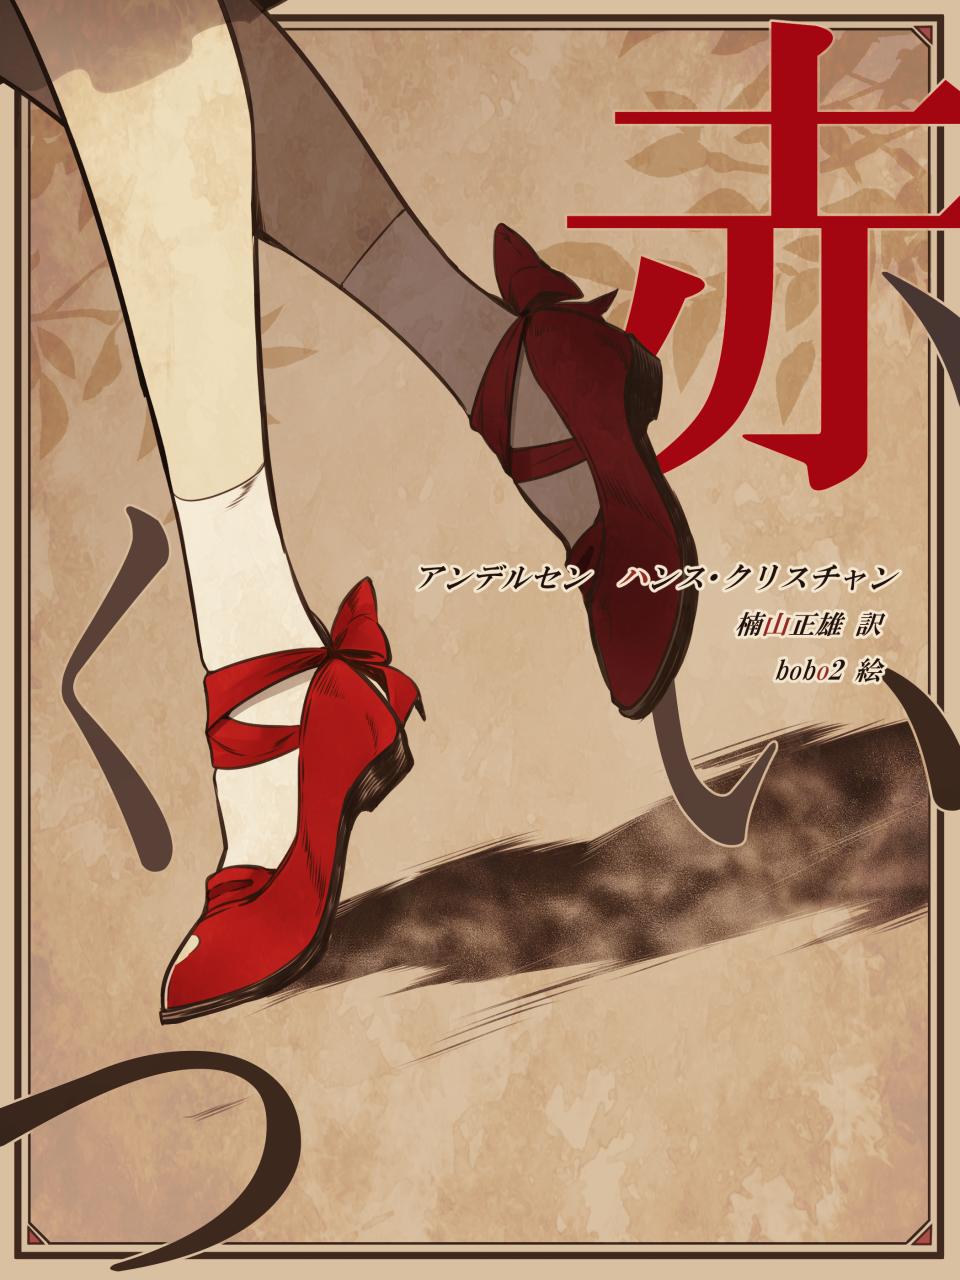 赤いくつ Illust of bobo2